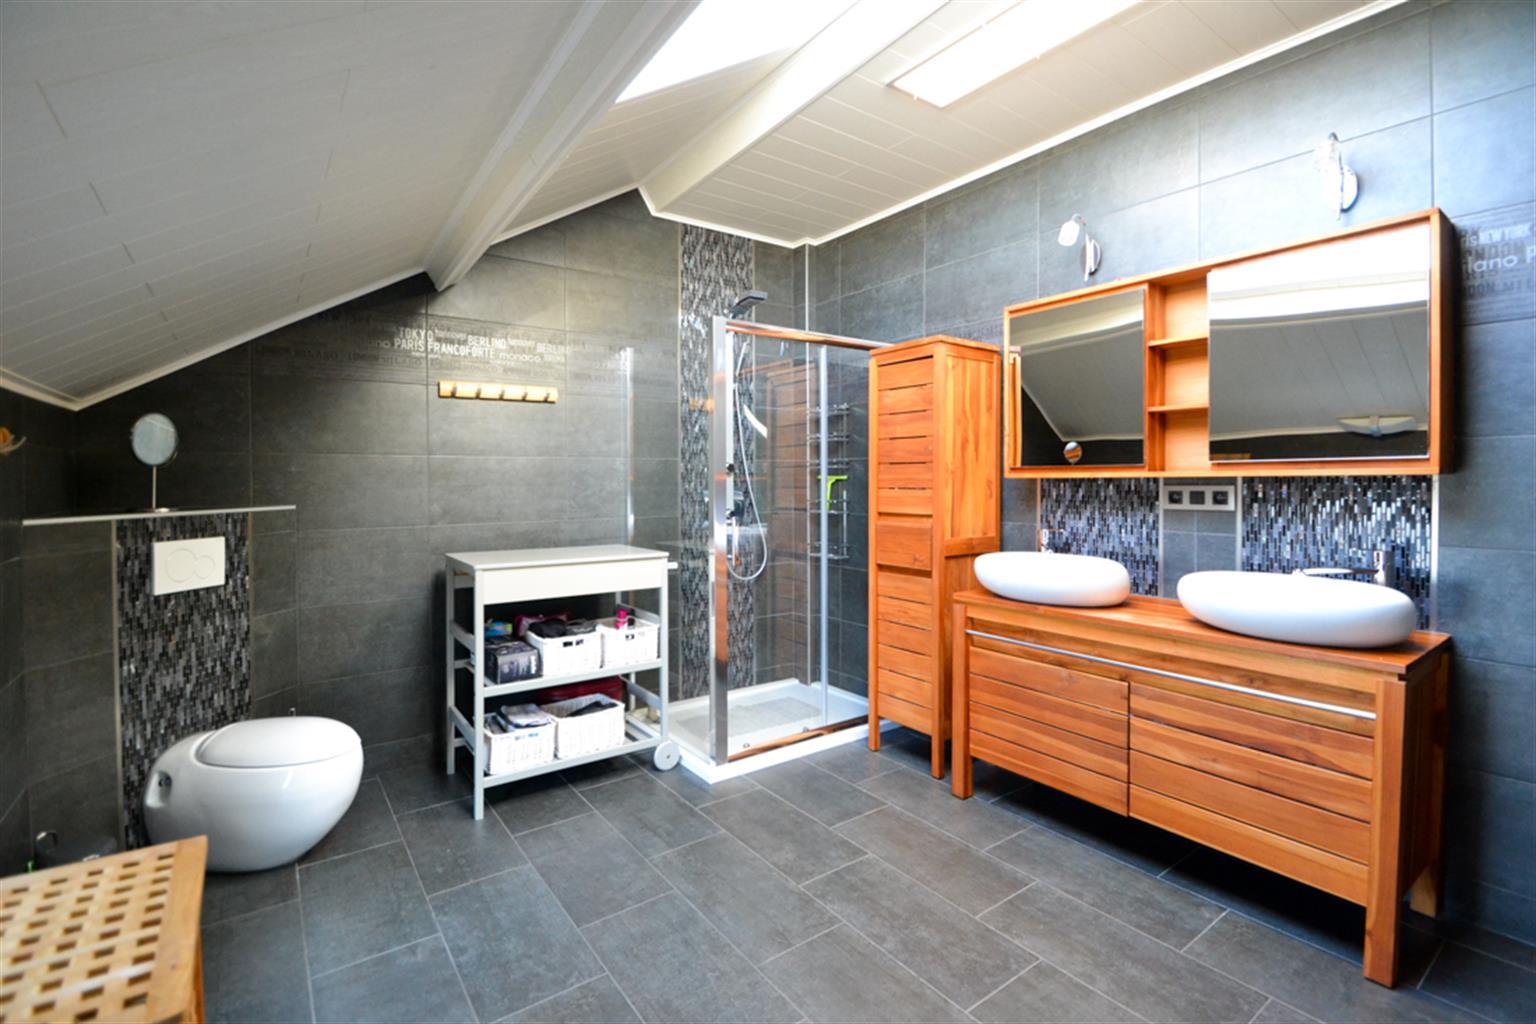 Maison - Gouy-lez-Piéton - #3687432-13